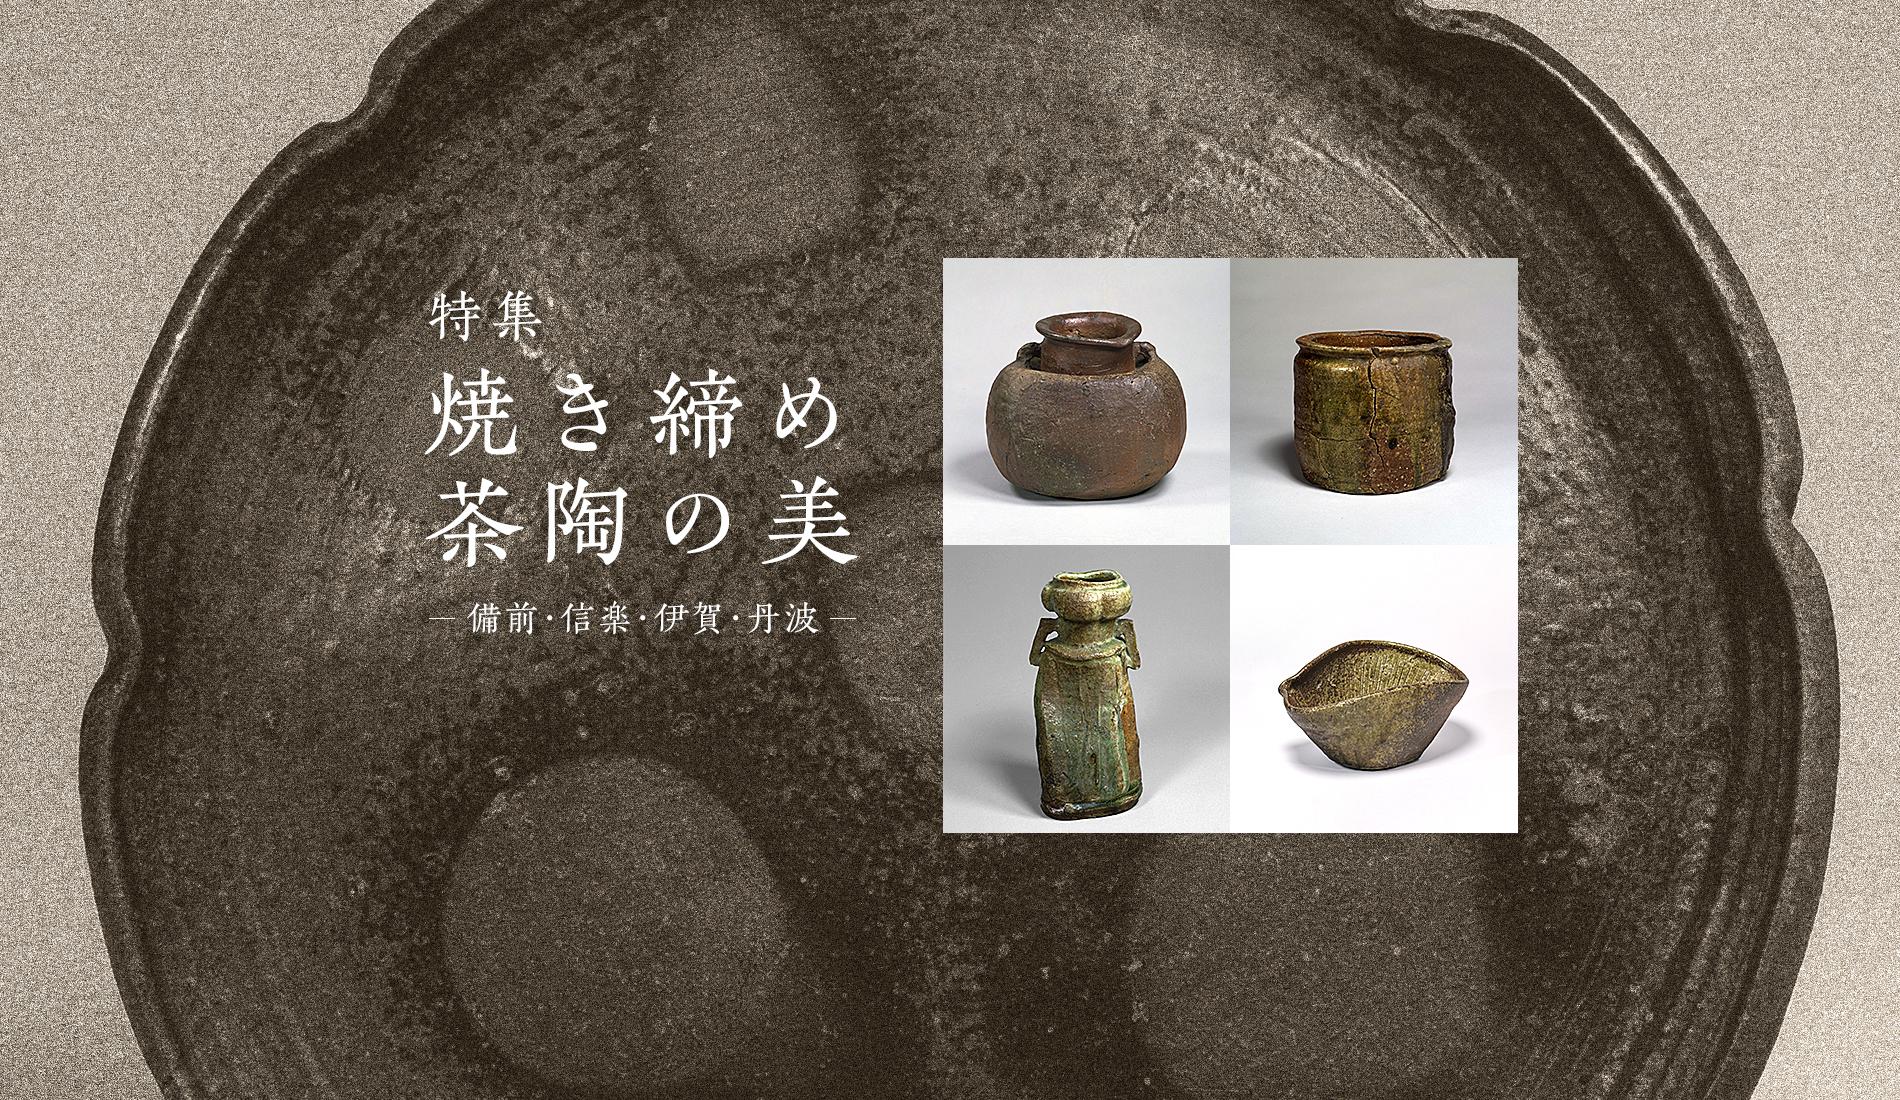 焼き締め茶陶の美―備前・信楽・伊賀・丹波―